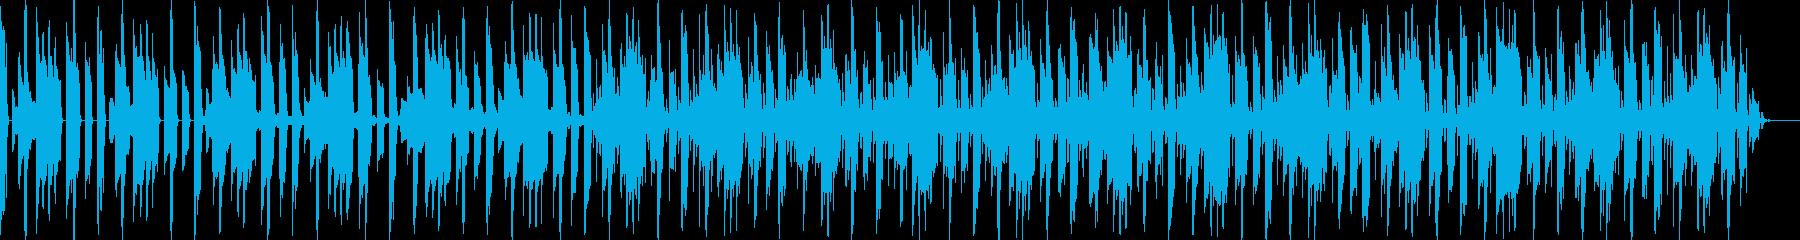 考えごと、もやもや、機械的な曲の再生済みの波形